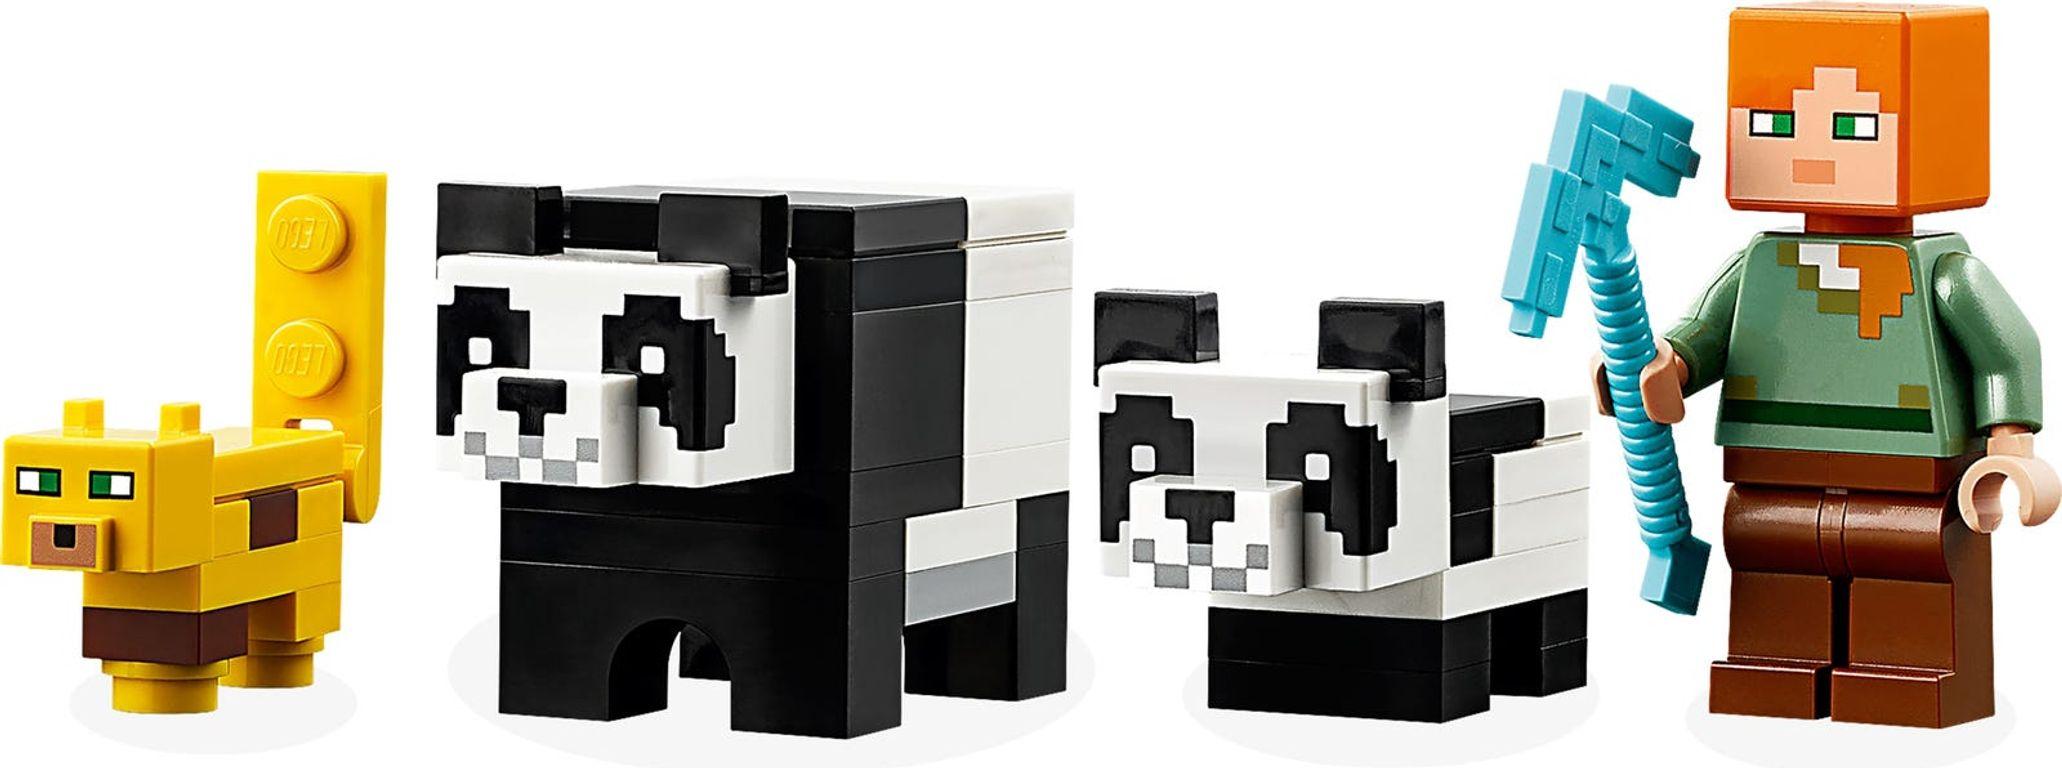 LEGO® Minecraft The Panda Kindergarten characters